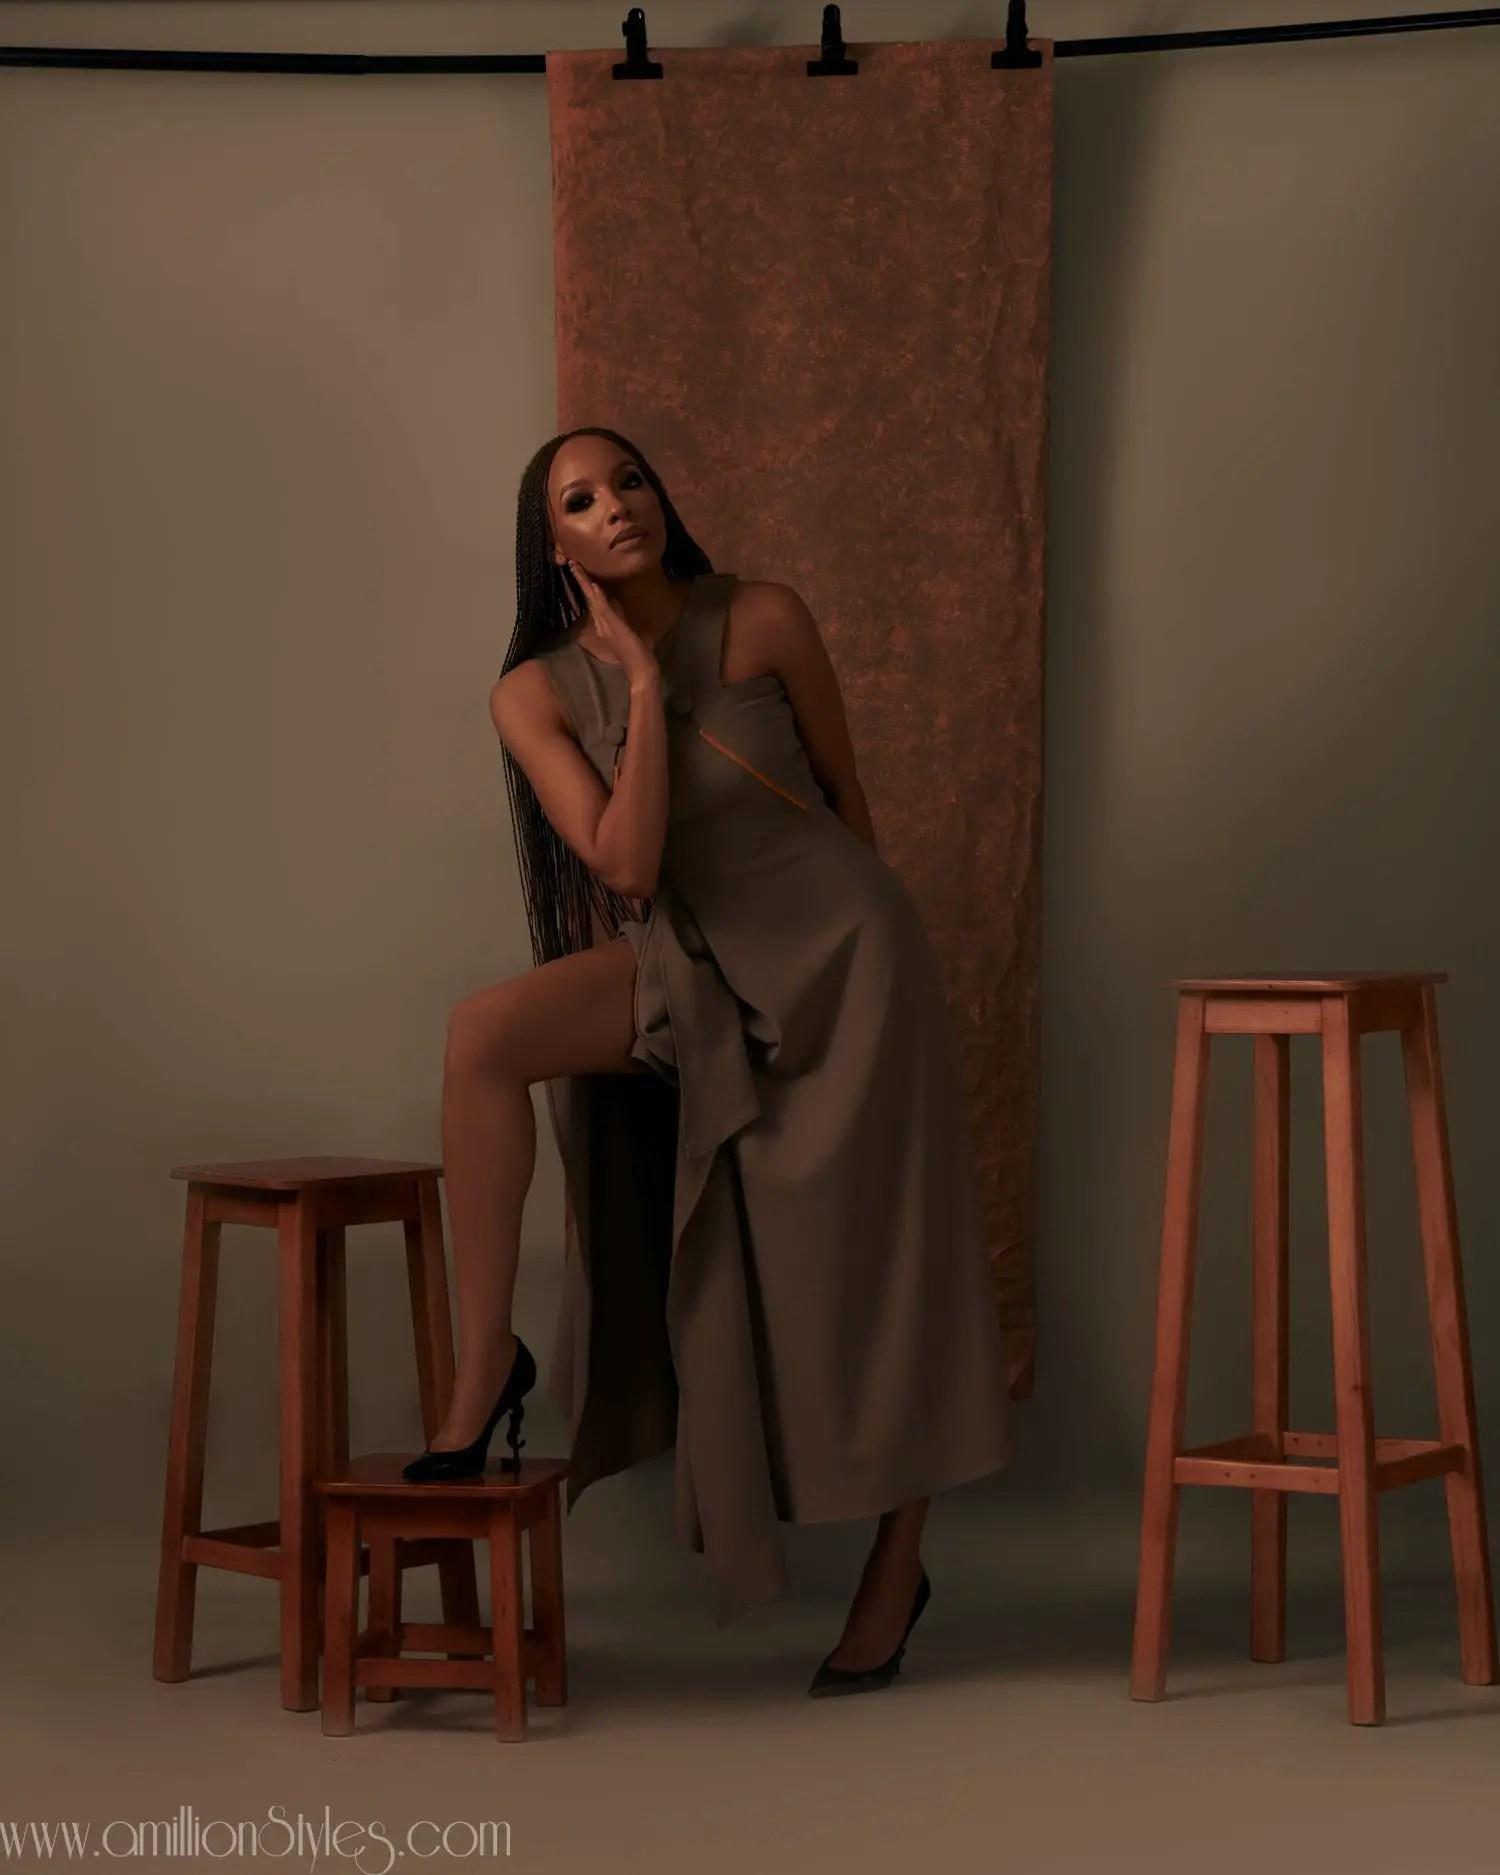 Laila Johnson-Salami Headlines Wana Sambo's New Campaign